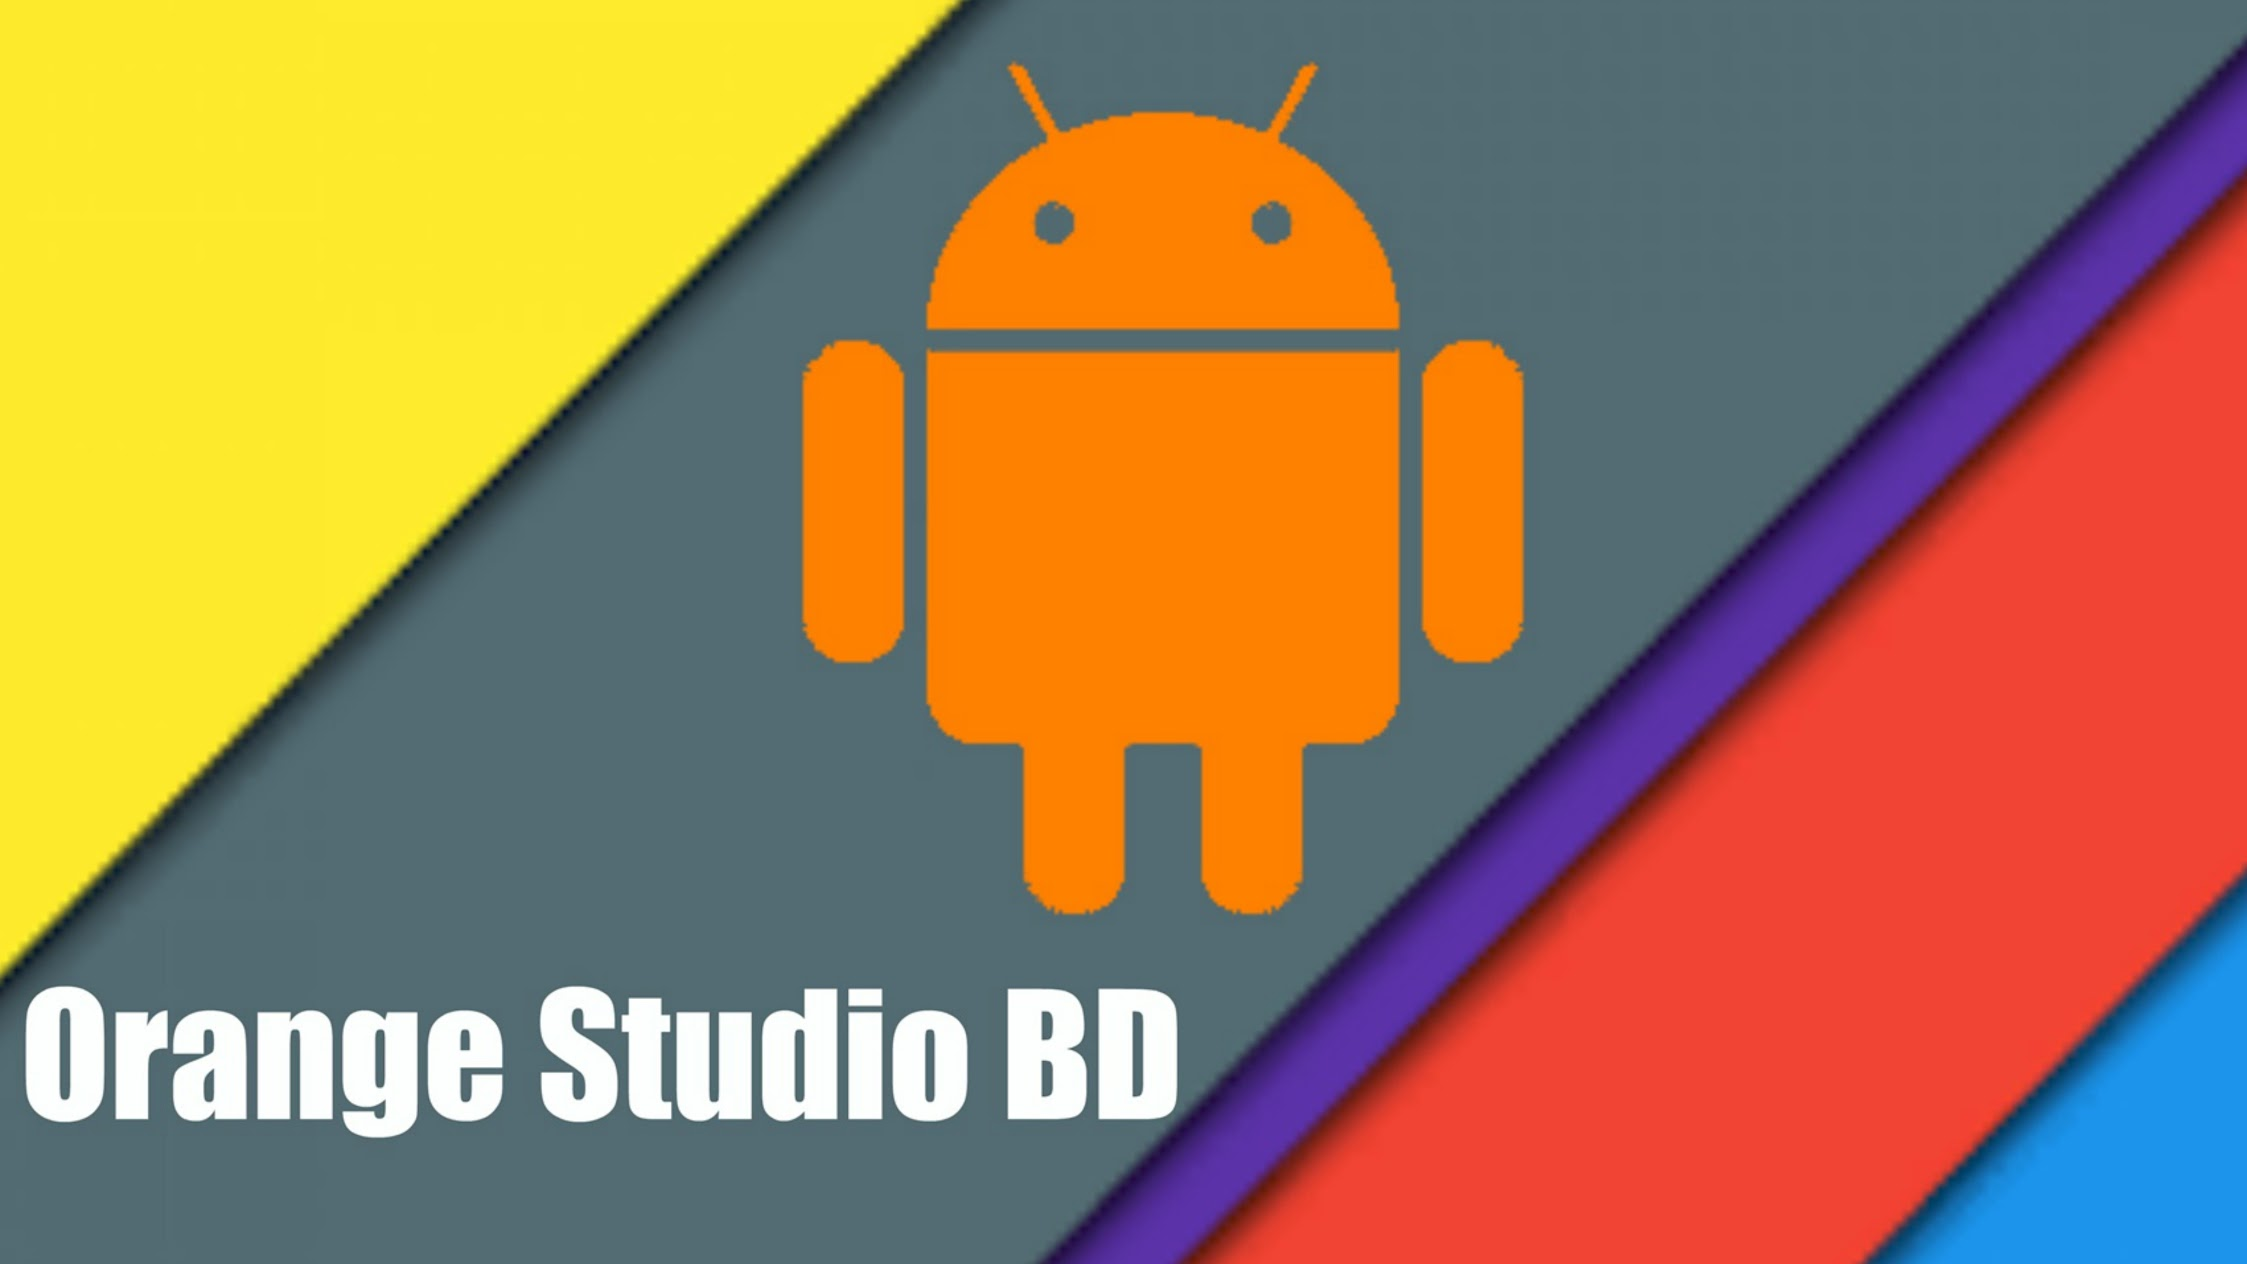 Orange Studio bd